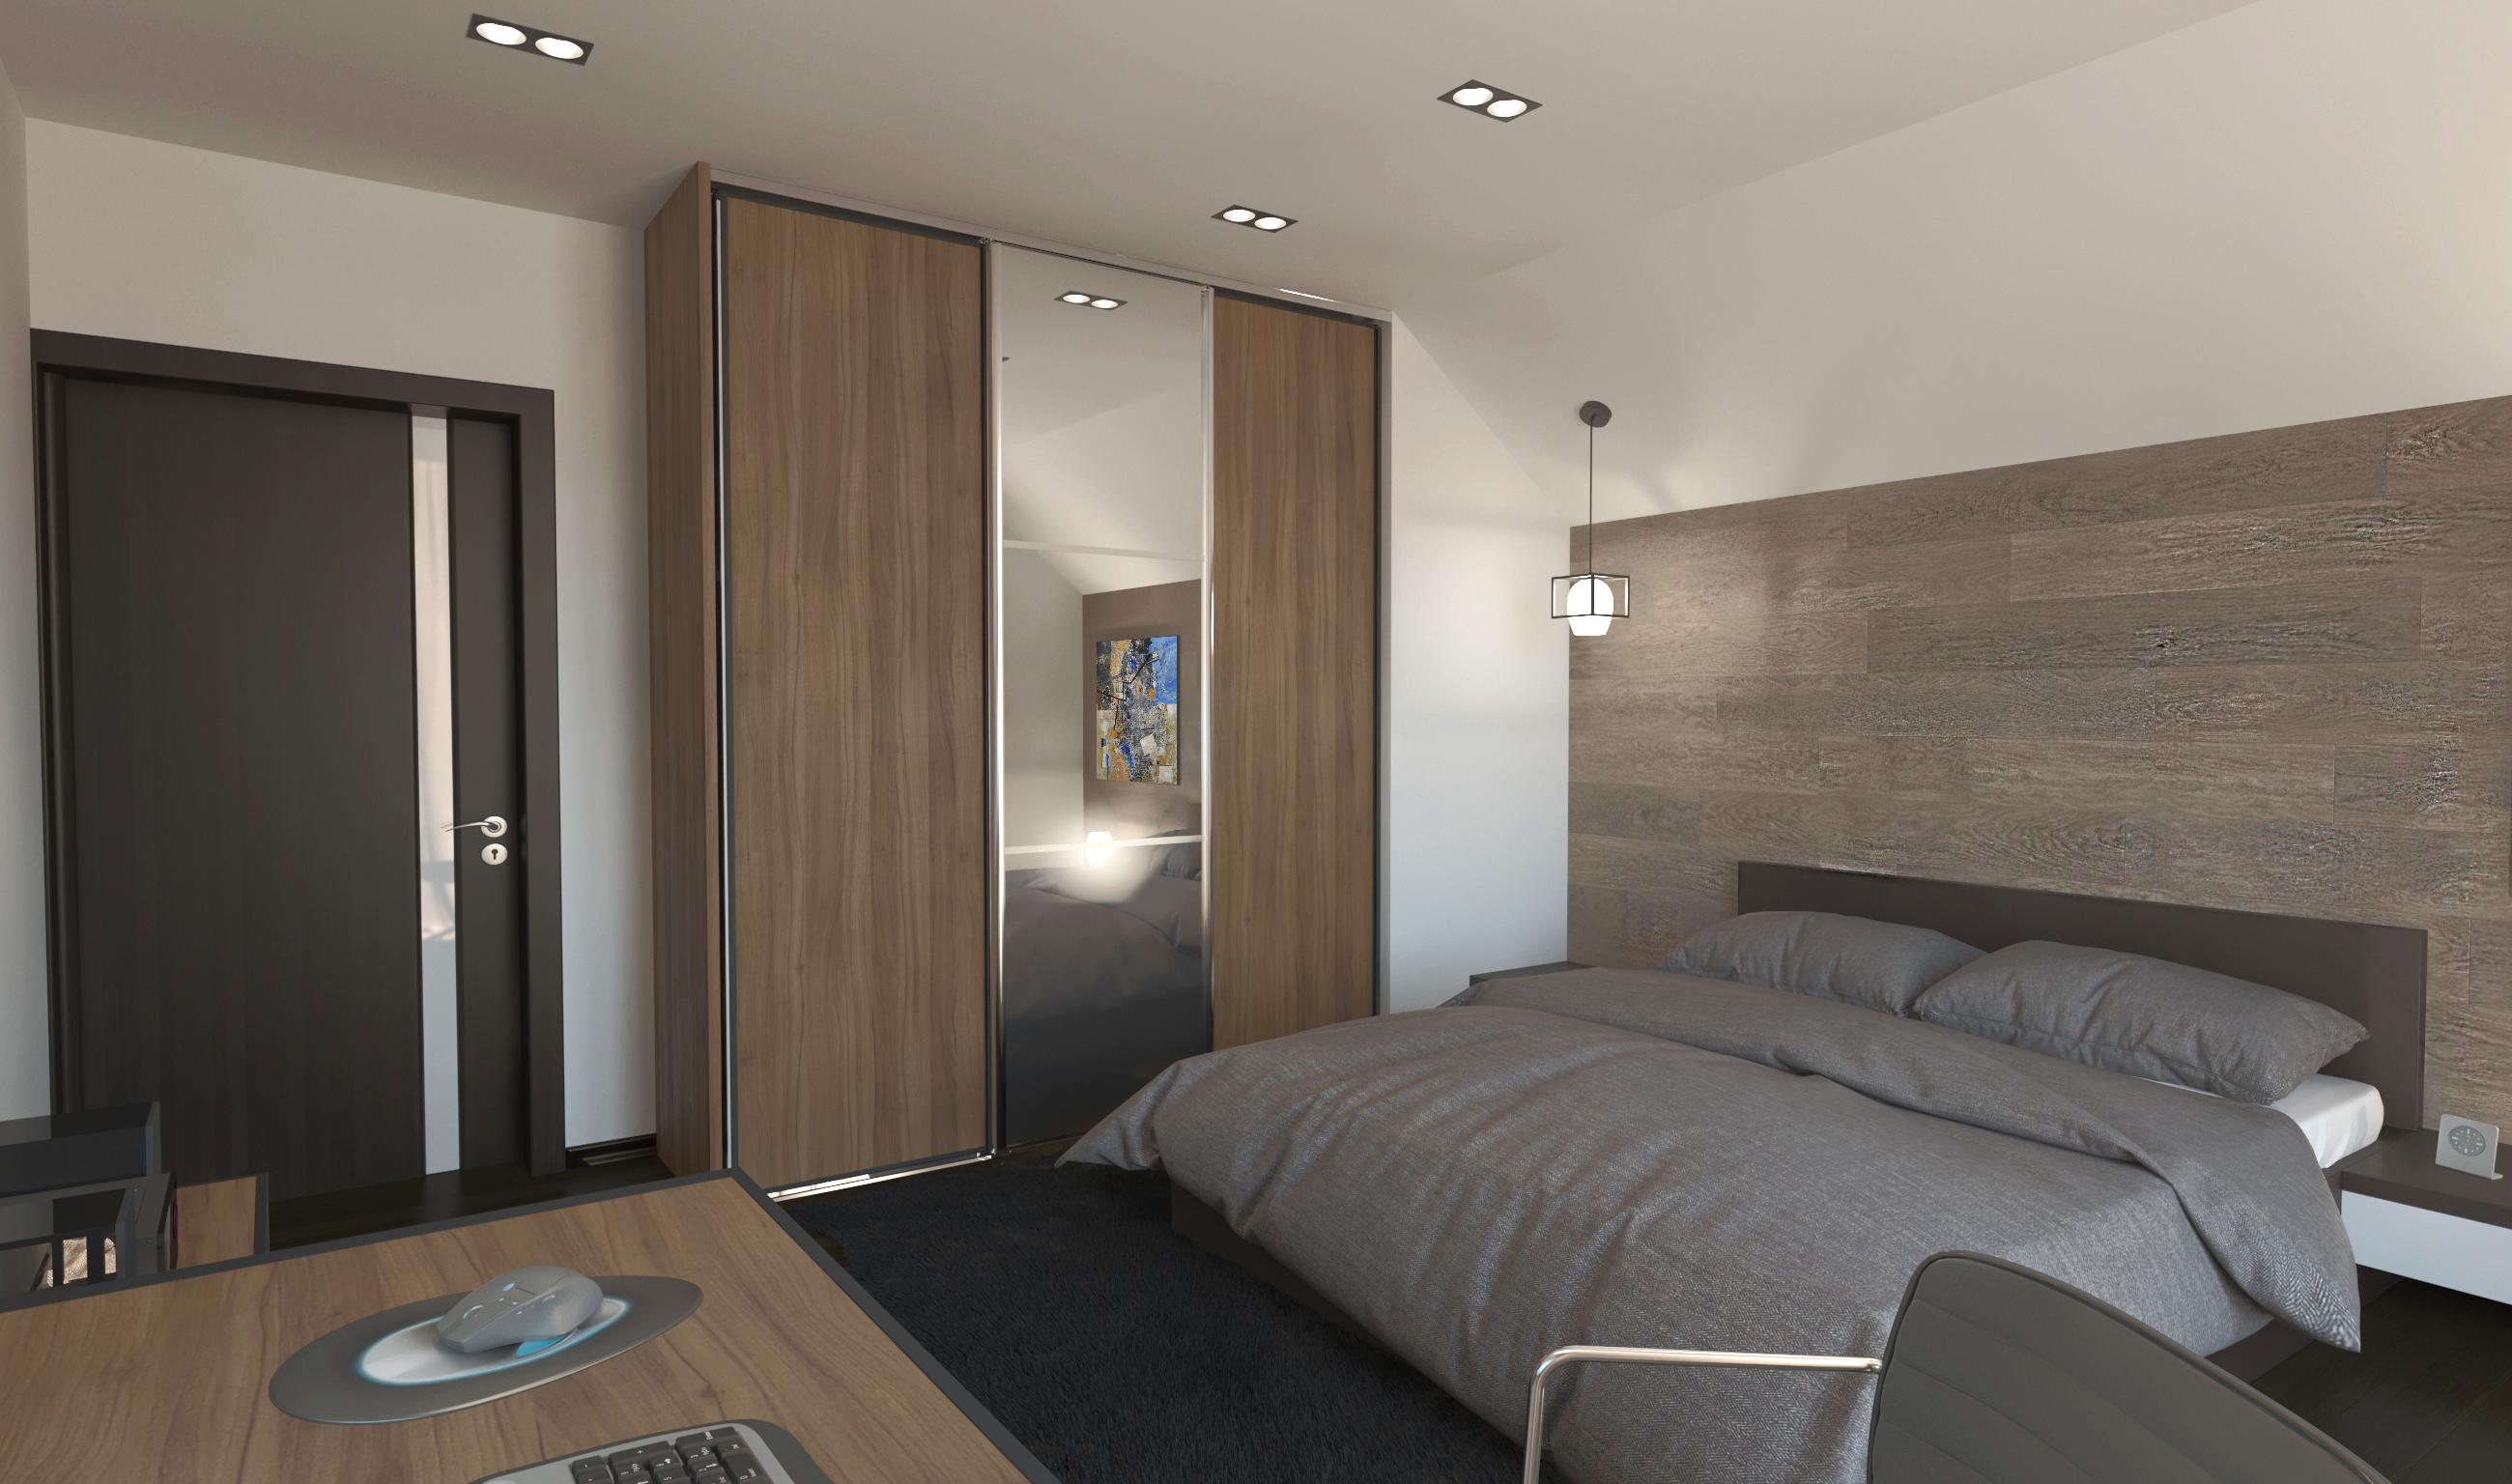 Дом в анапе 2 этаж (2)